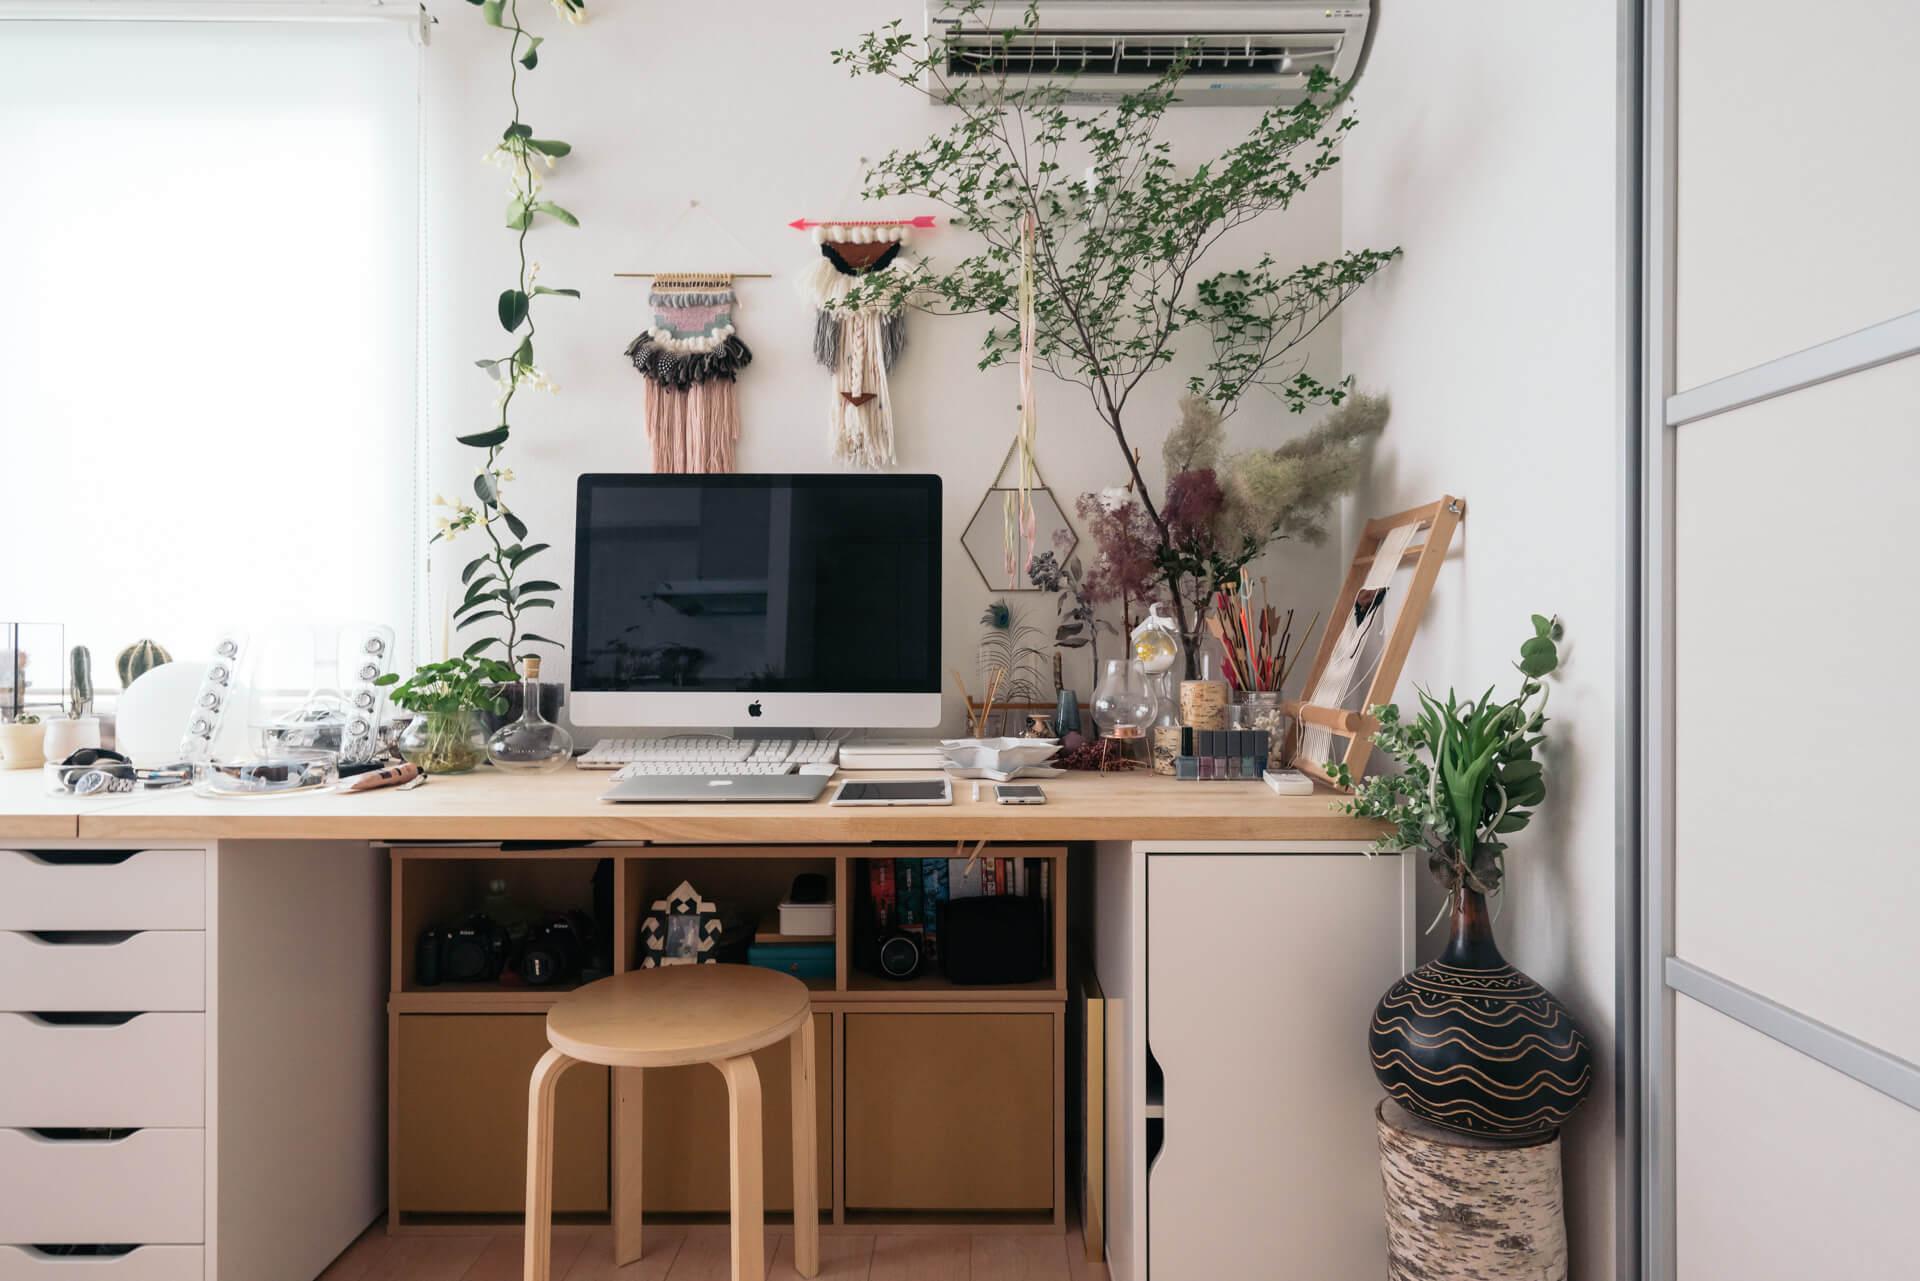 また仕事をしている中でも緑や自然の雰囲気を感じていたいと、デスク周りにはグリーンも多めに配置。自分が心地よく仕事ができる工夫ができるよう、壁にぴったりデスクをつけてしまう、というのはアリですね。